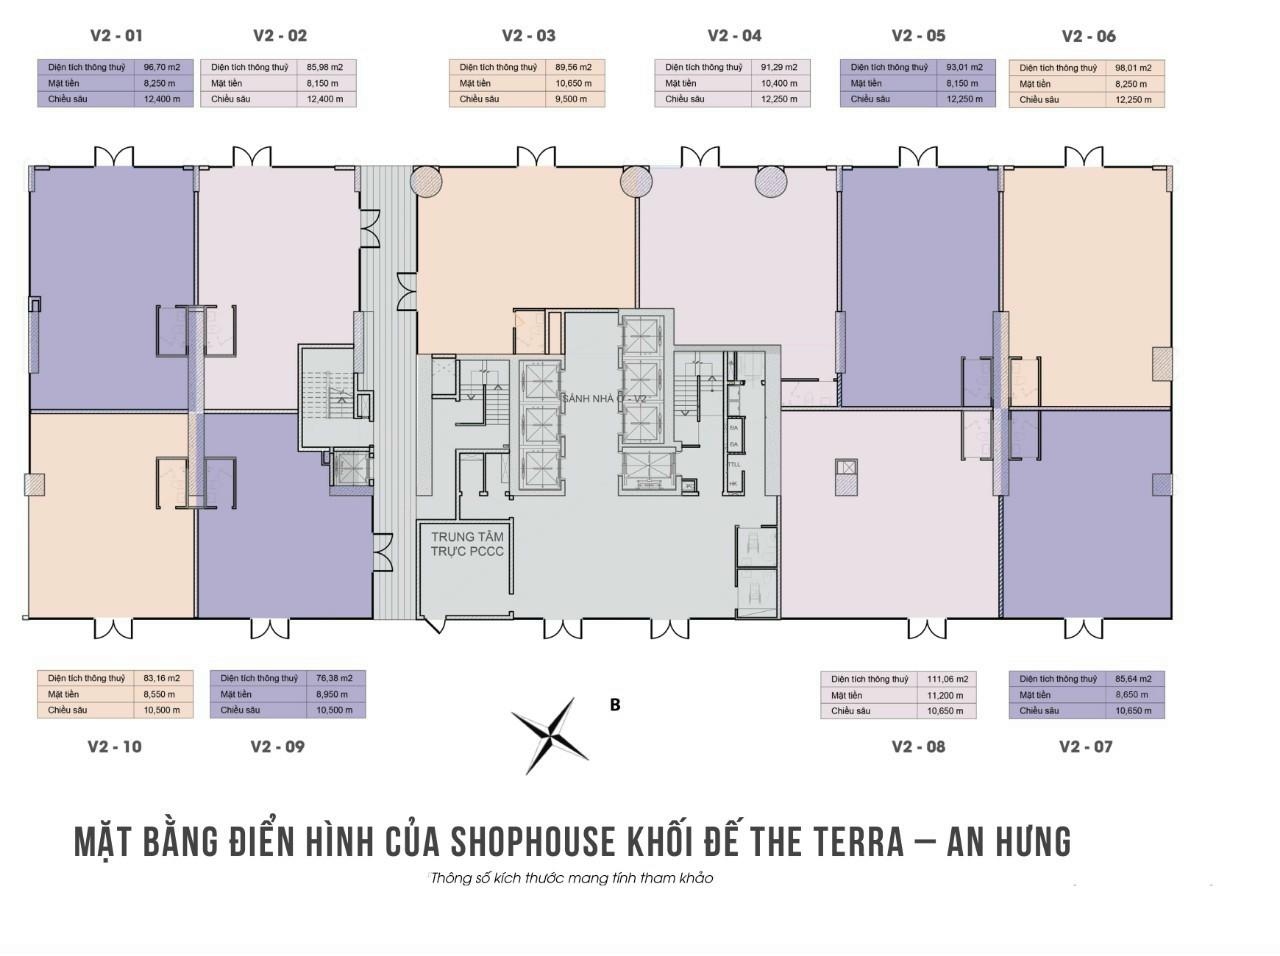 mặt bằng shophouse khối đế the terra an hưng tòa v2